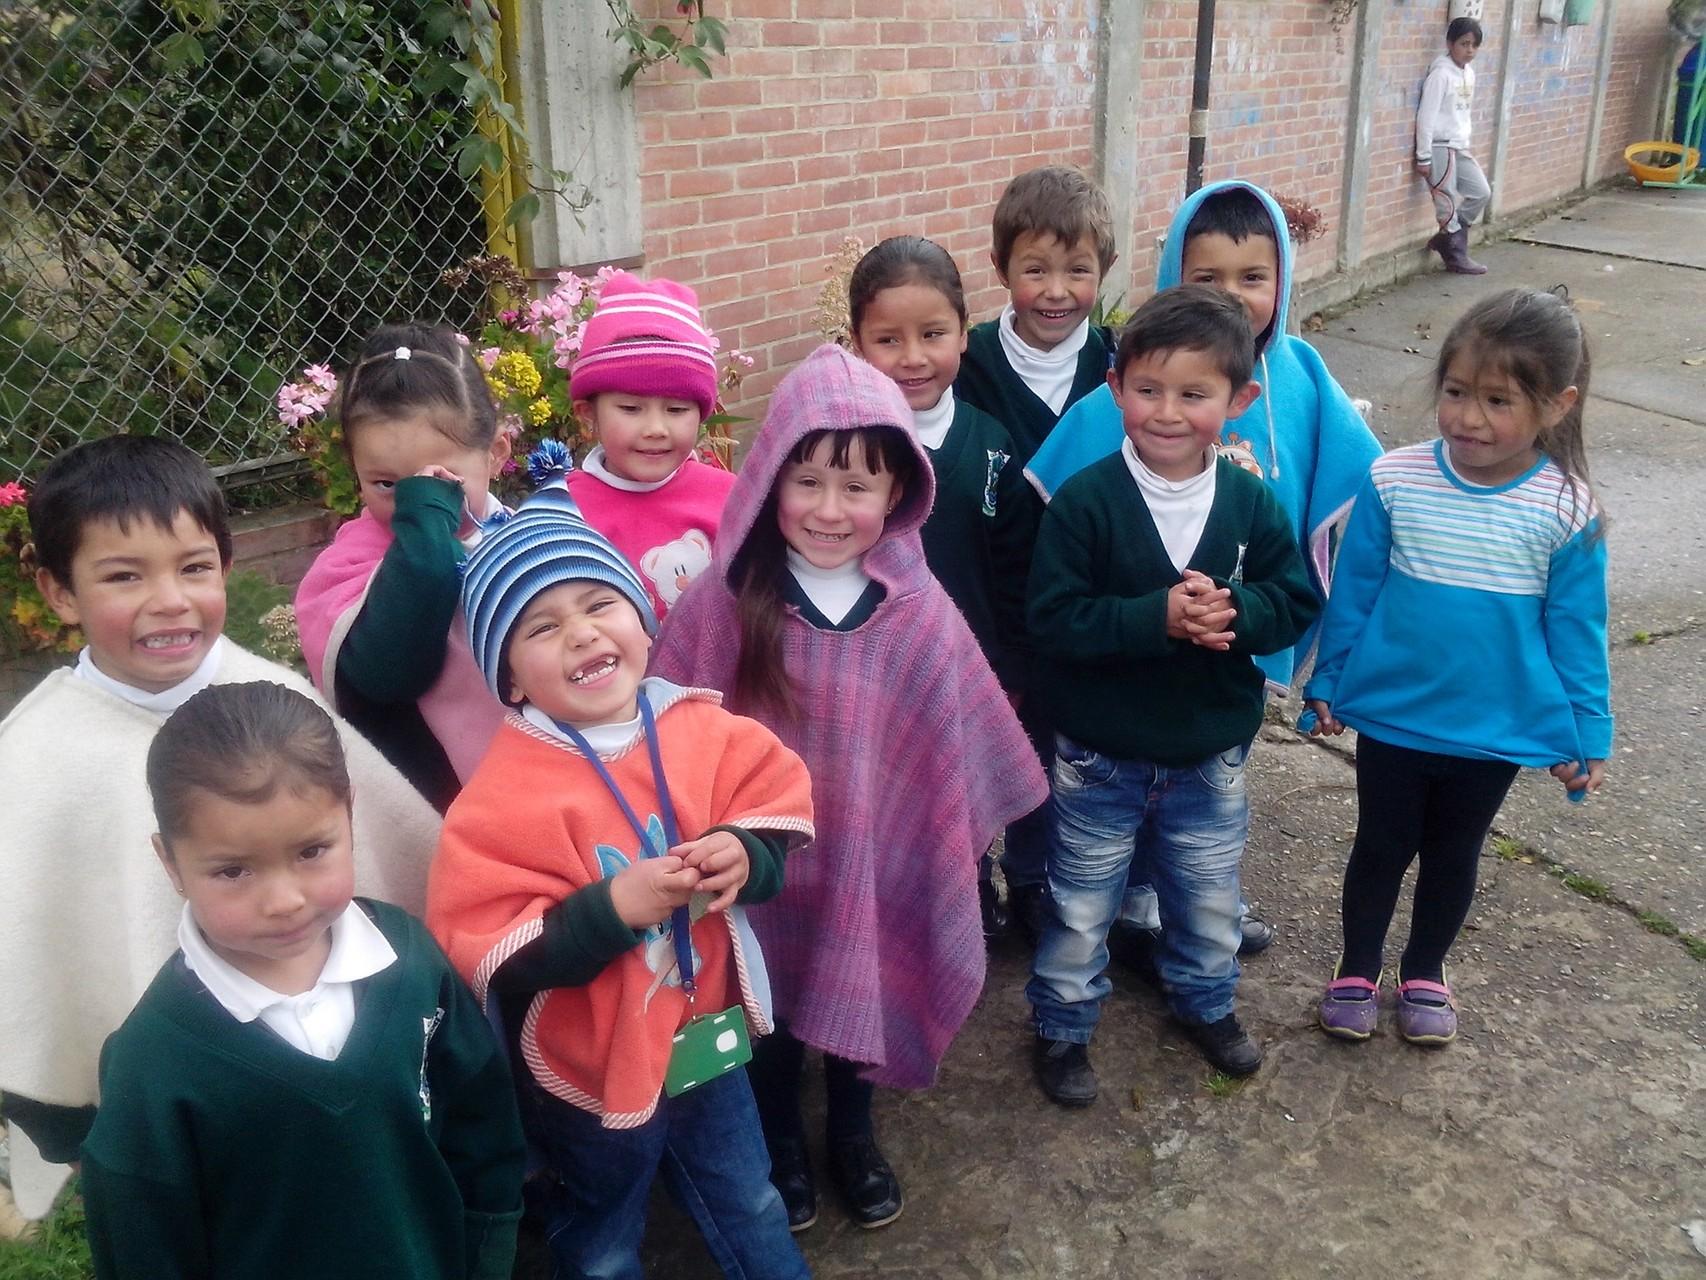 Primera Infancia CED Rural Los Arrayanes